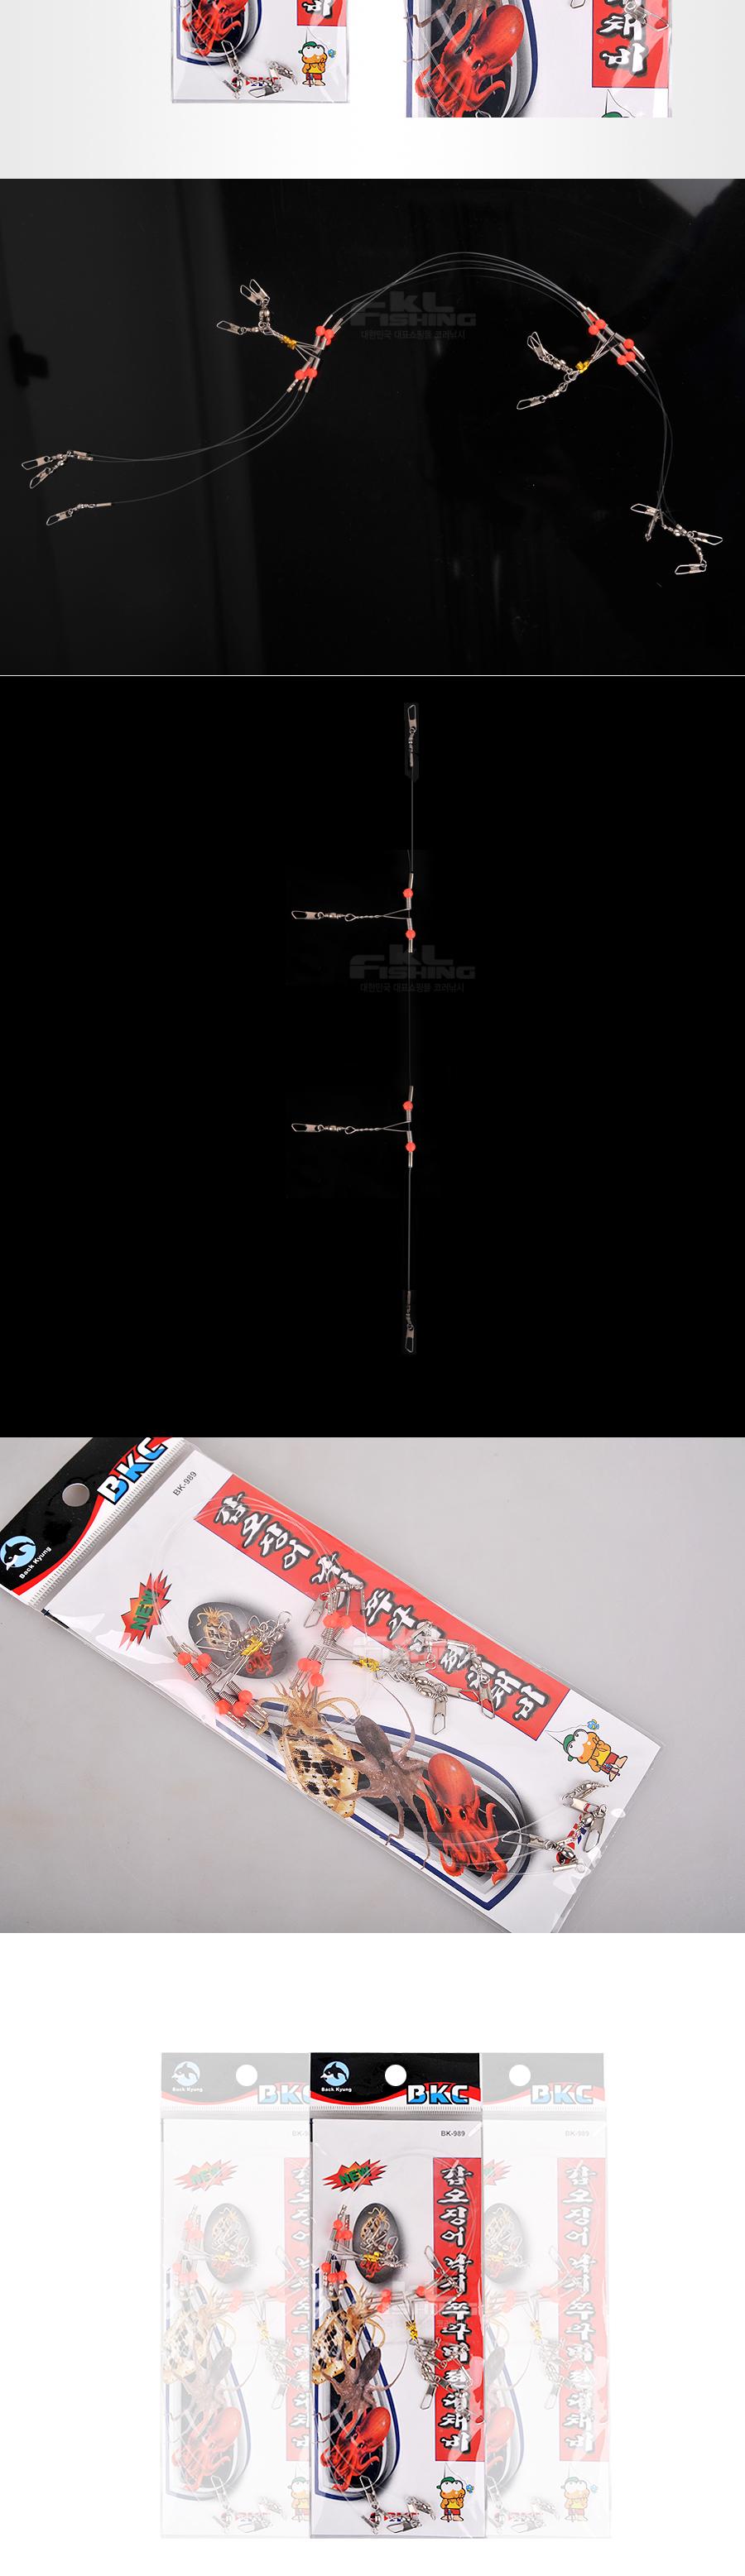 오징어낚시 쭈꾸미낚시 쭈꾸미채비 오징어채비 백경 갑오징어 쭈꾸미 편대채비 BK-989